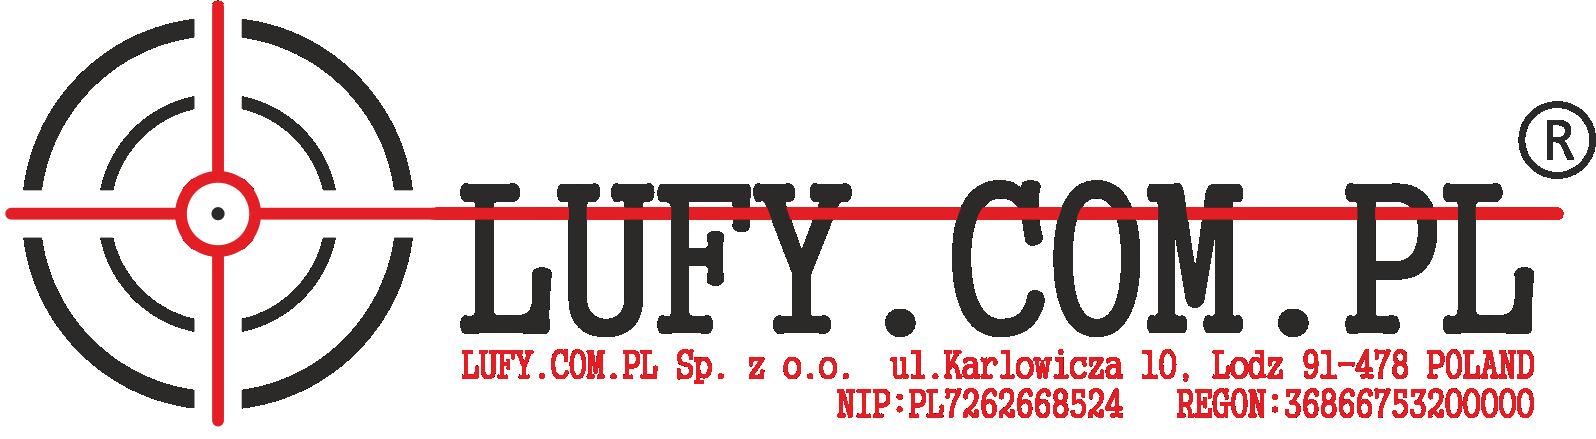 Lufy,com.pl